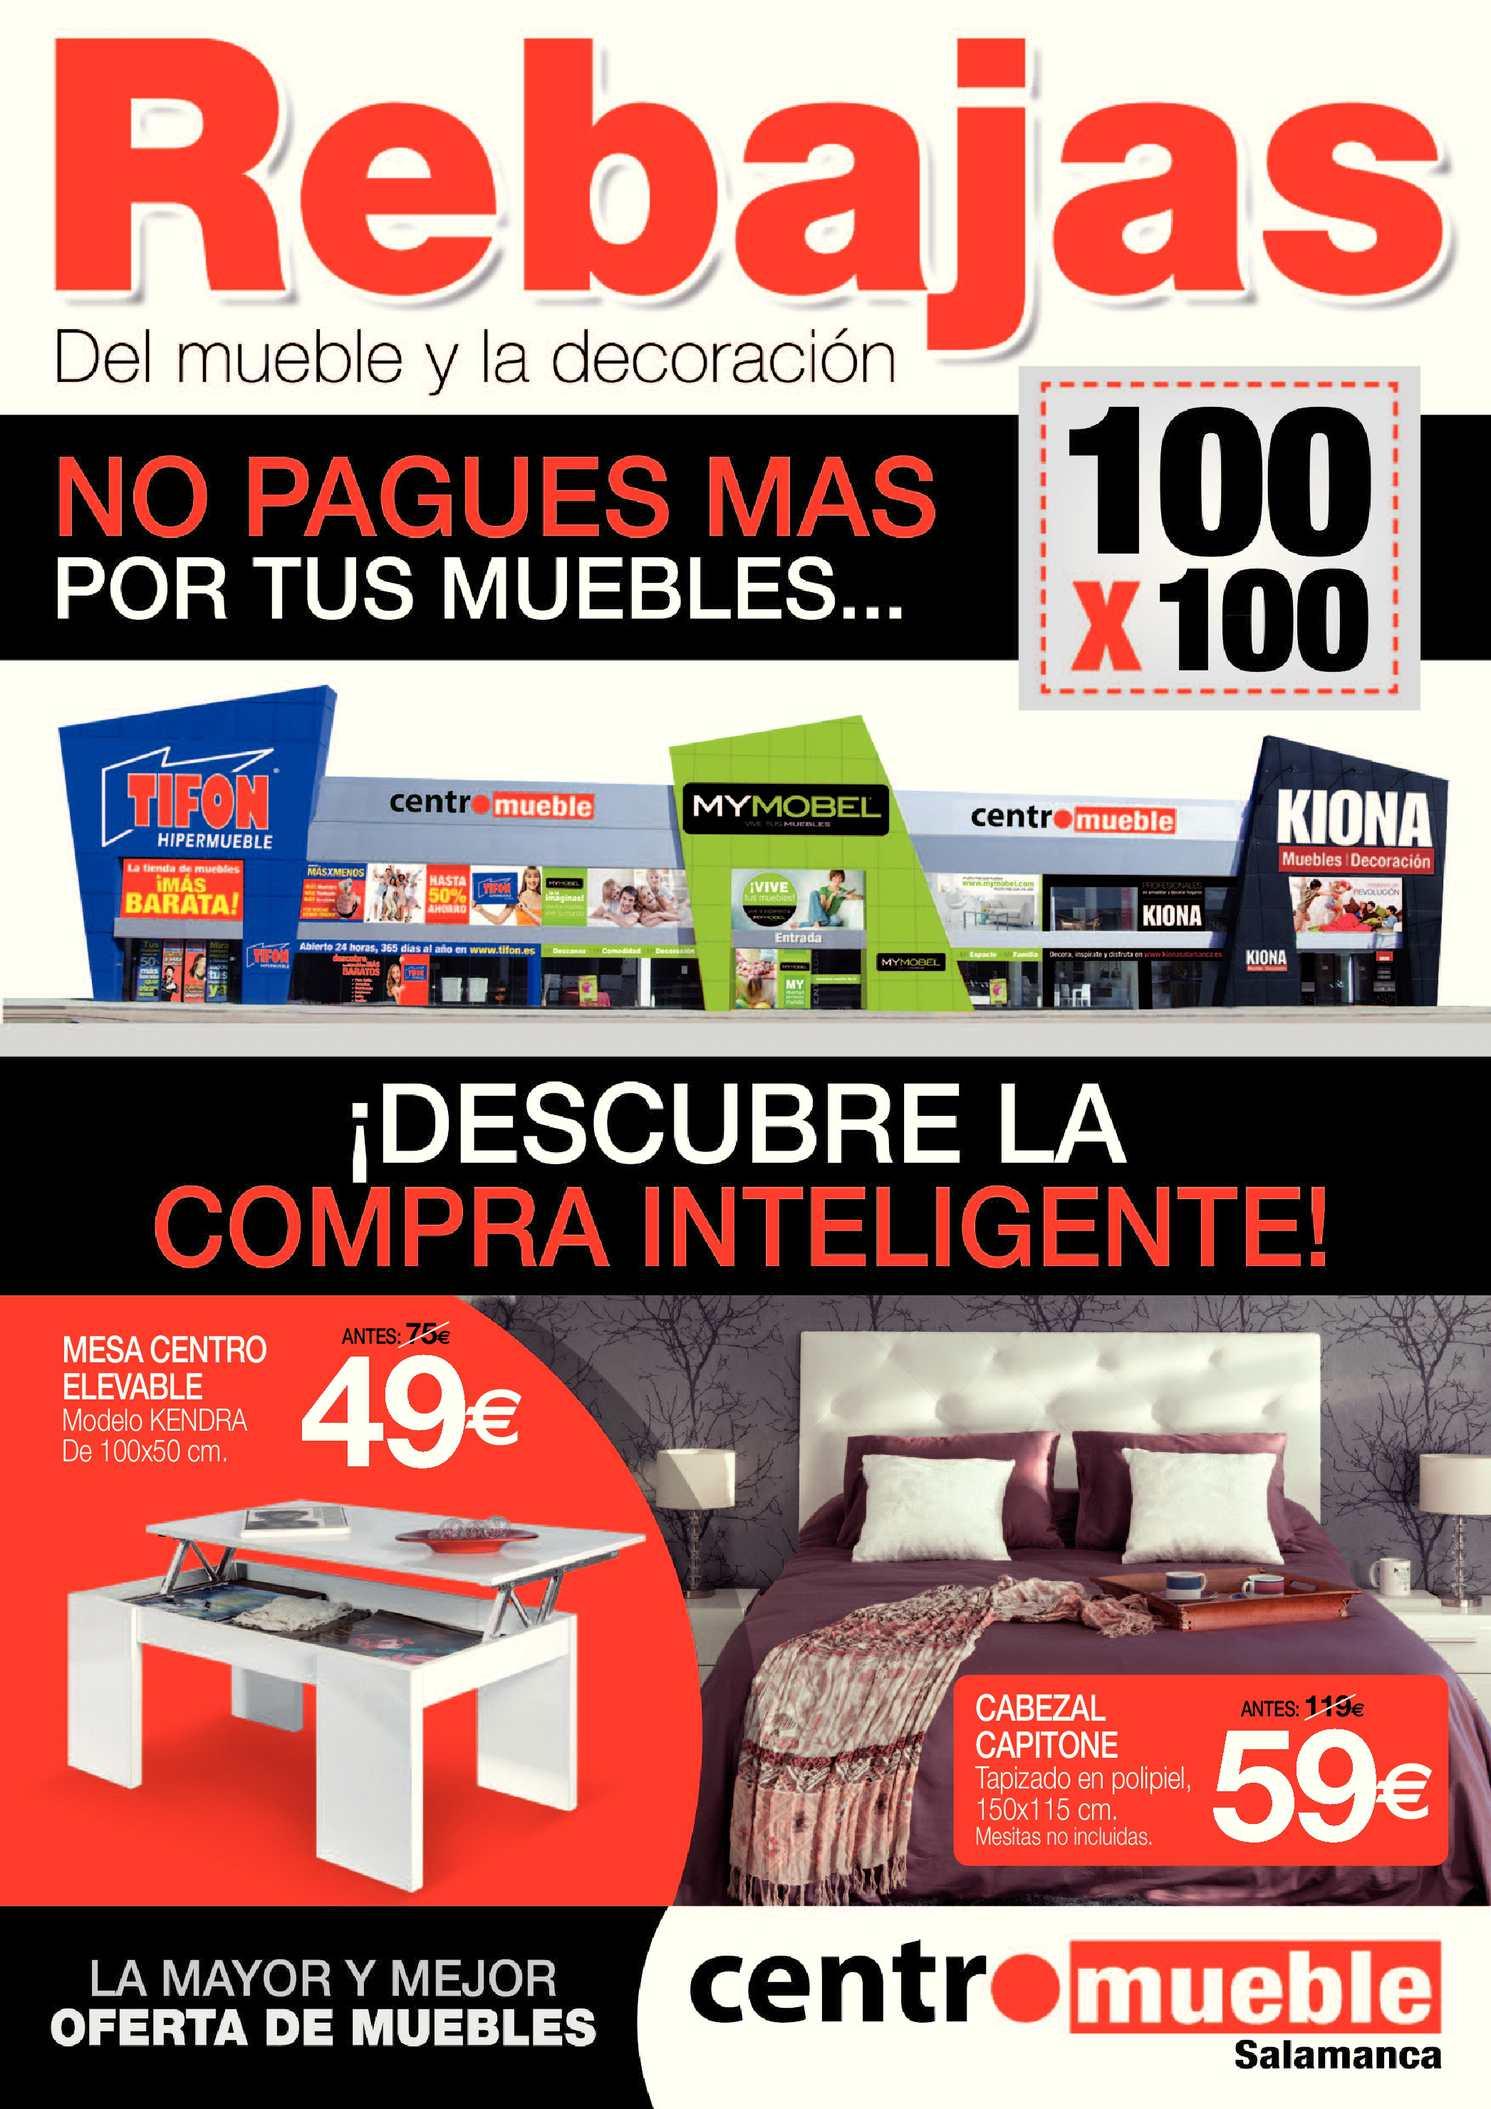 Calam O Rebajas Del Mueble Inteligentes Con Los Muebles Mas  # Muebles Kiona Valladolid